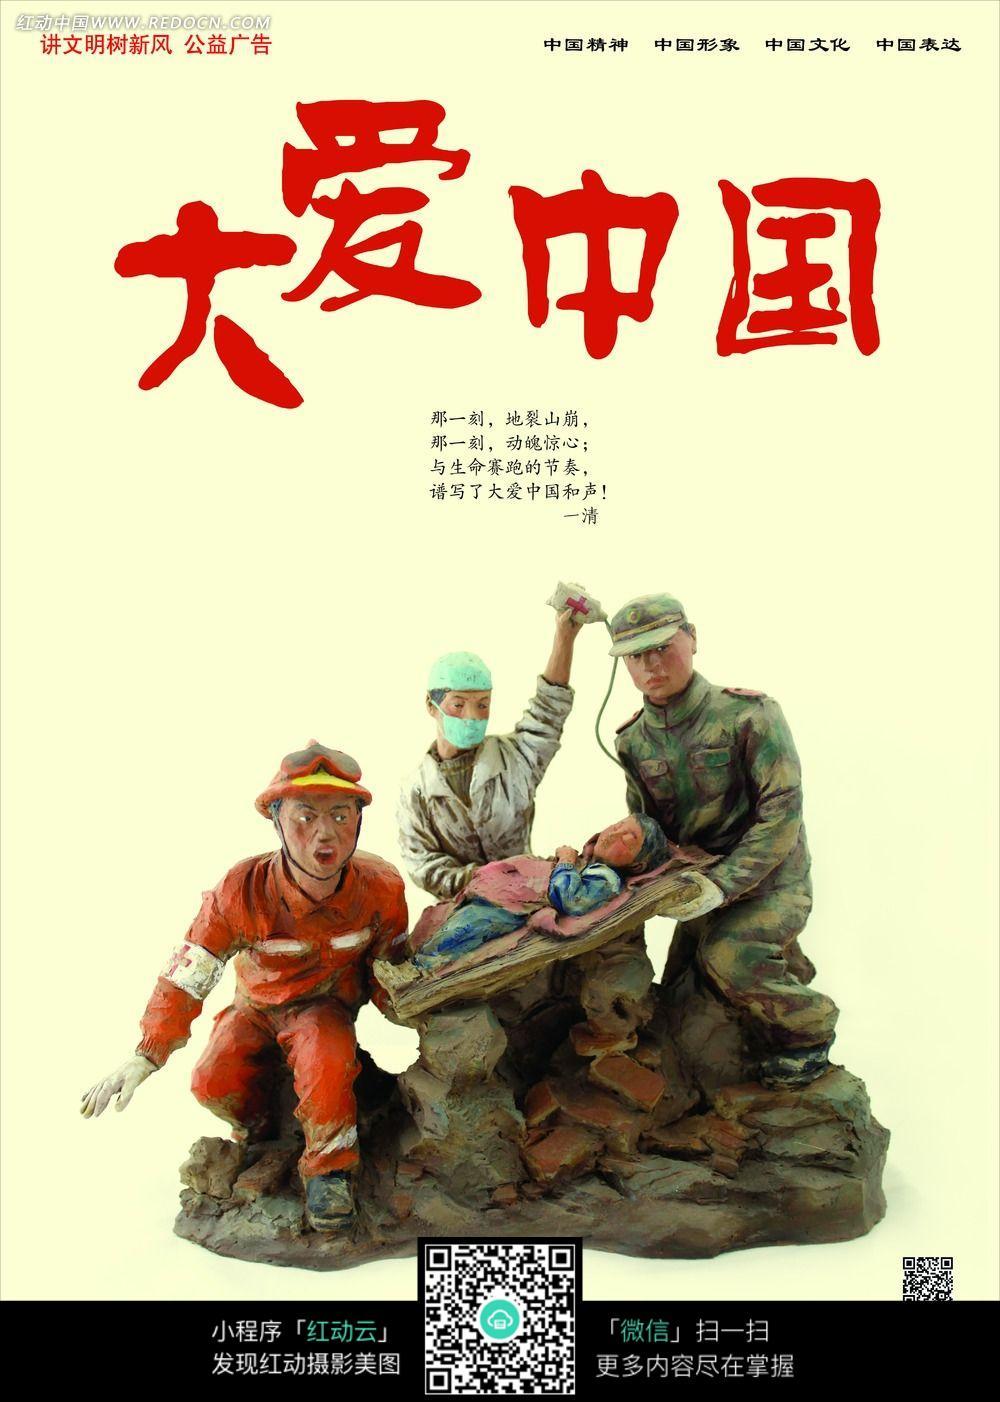 中国梦系列大爱中国图片-传统书画 吉祥图案 艺术